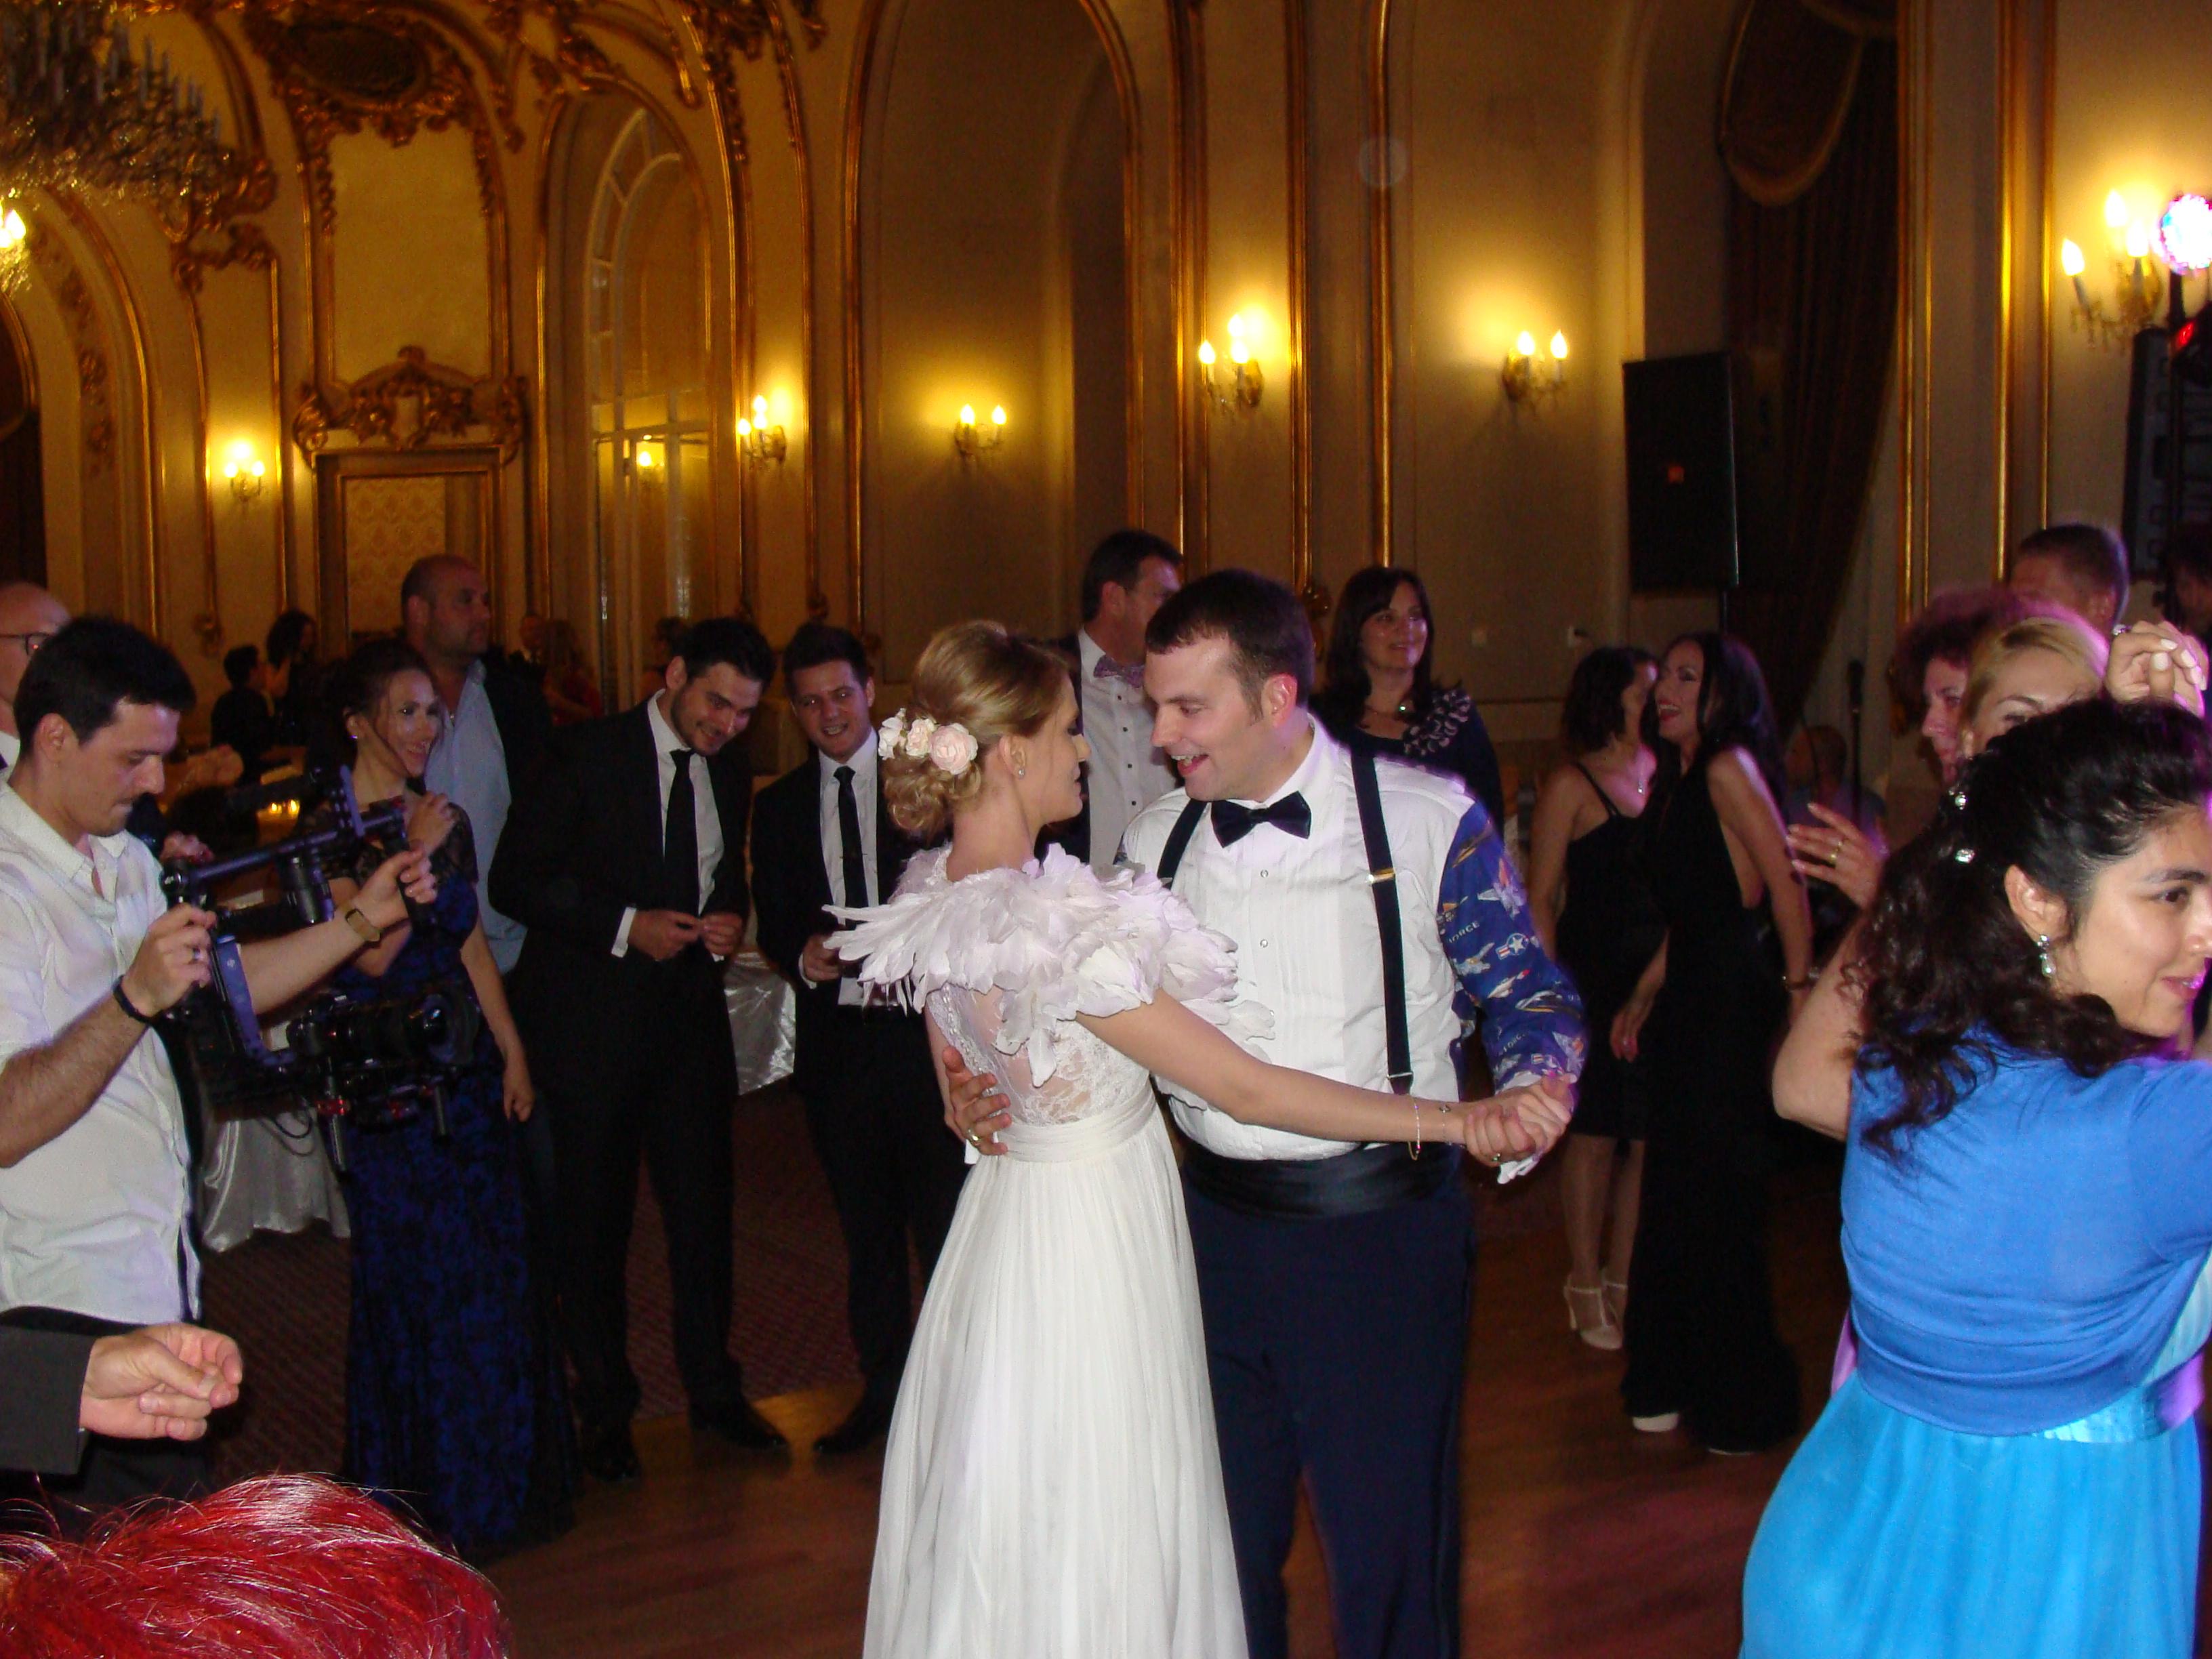 Comparatii potrivite intre formatii nunta